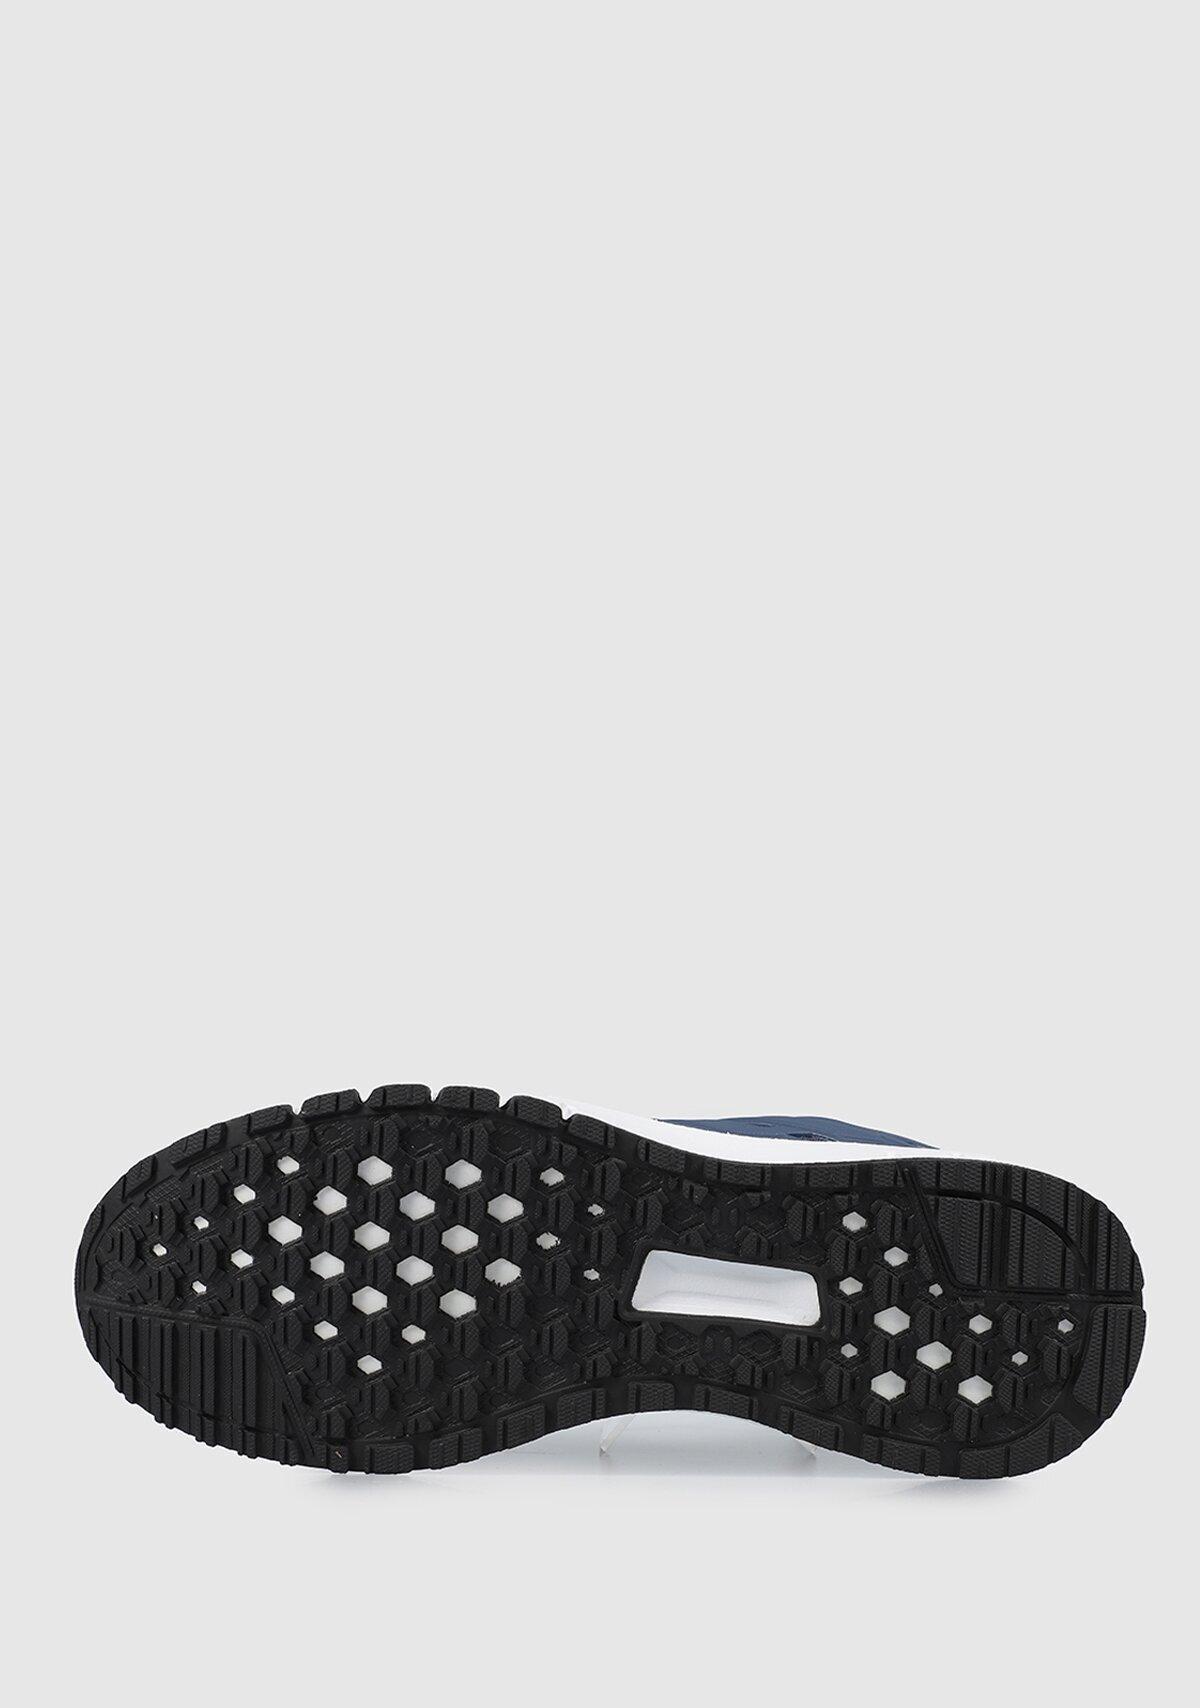 resm Ultimashow Lacivert Erkek Spor Ayakkabısı Fx3633